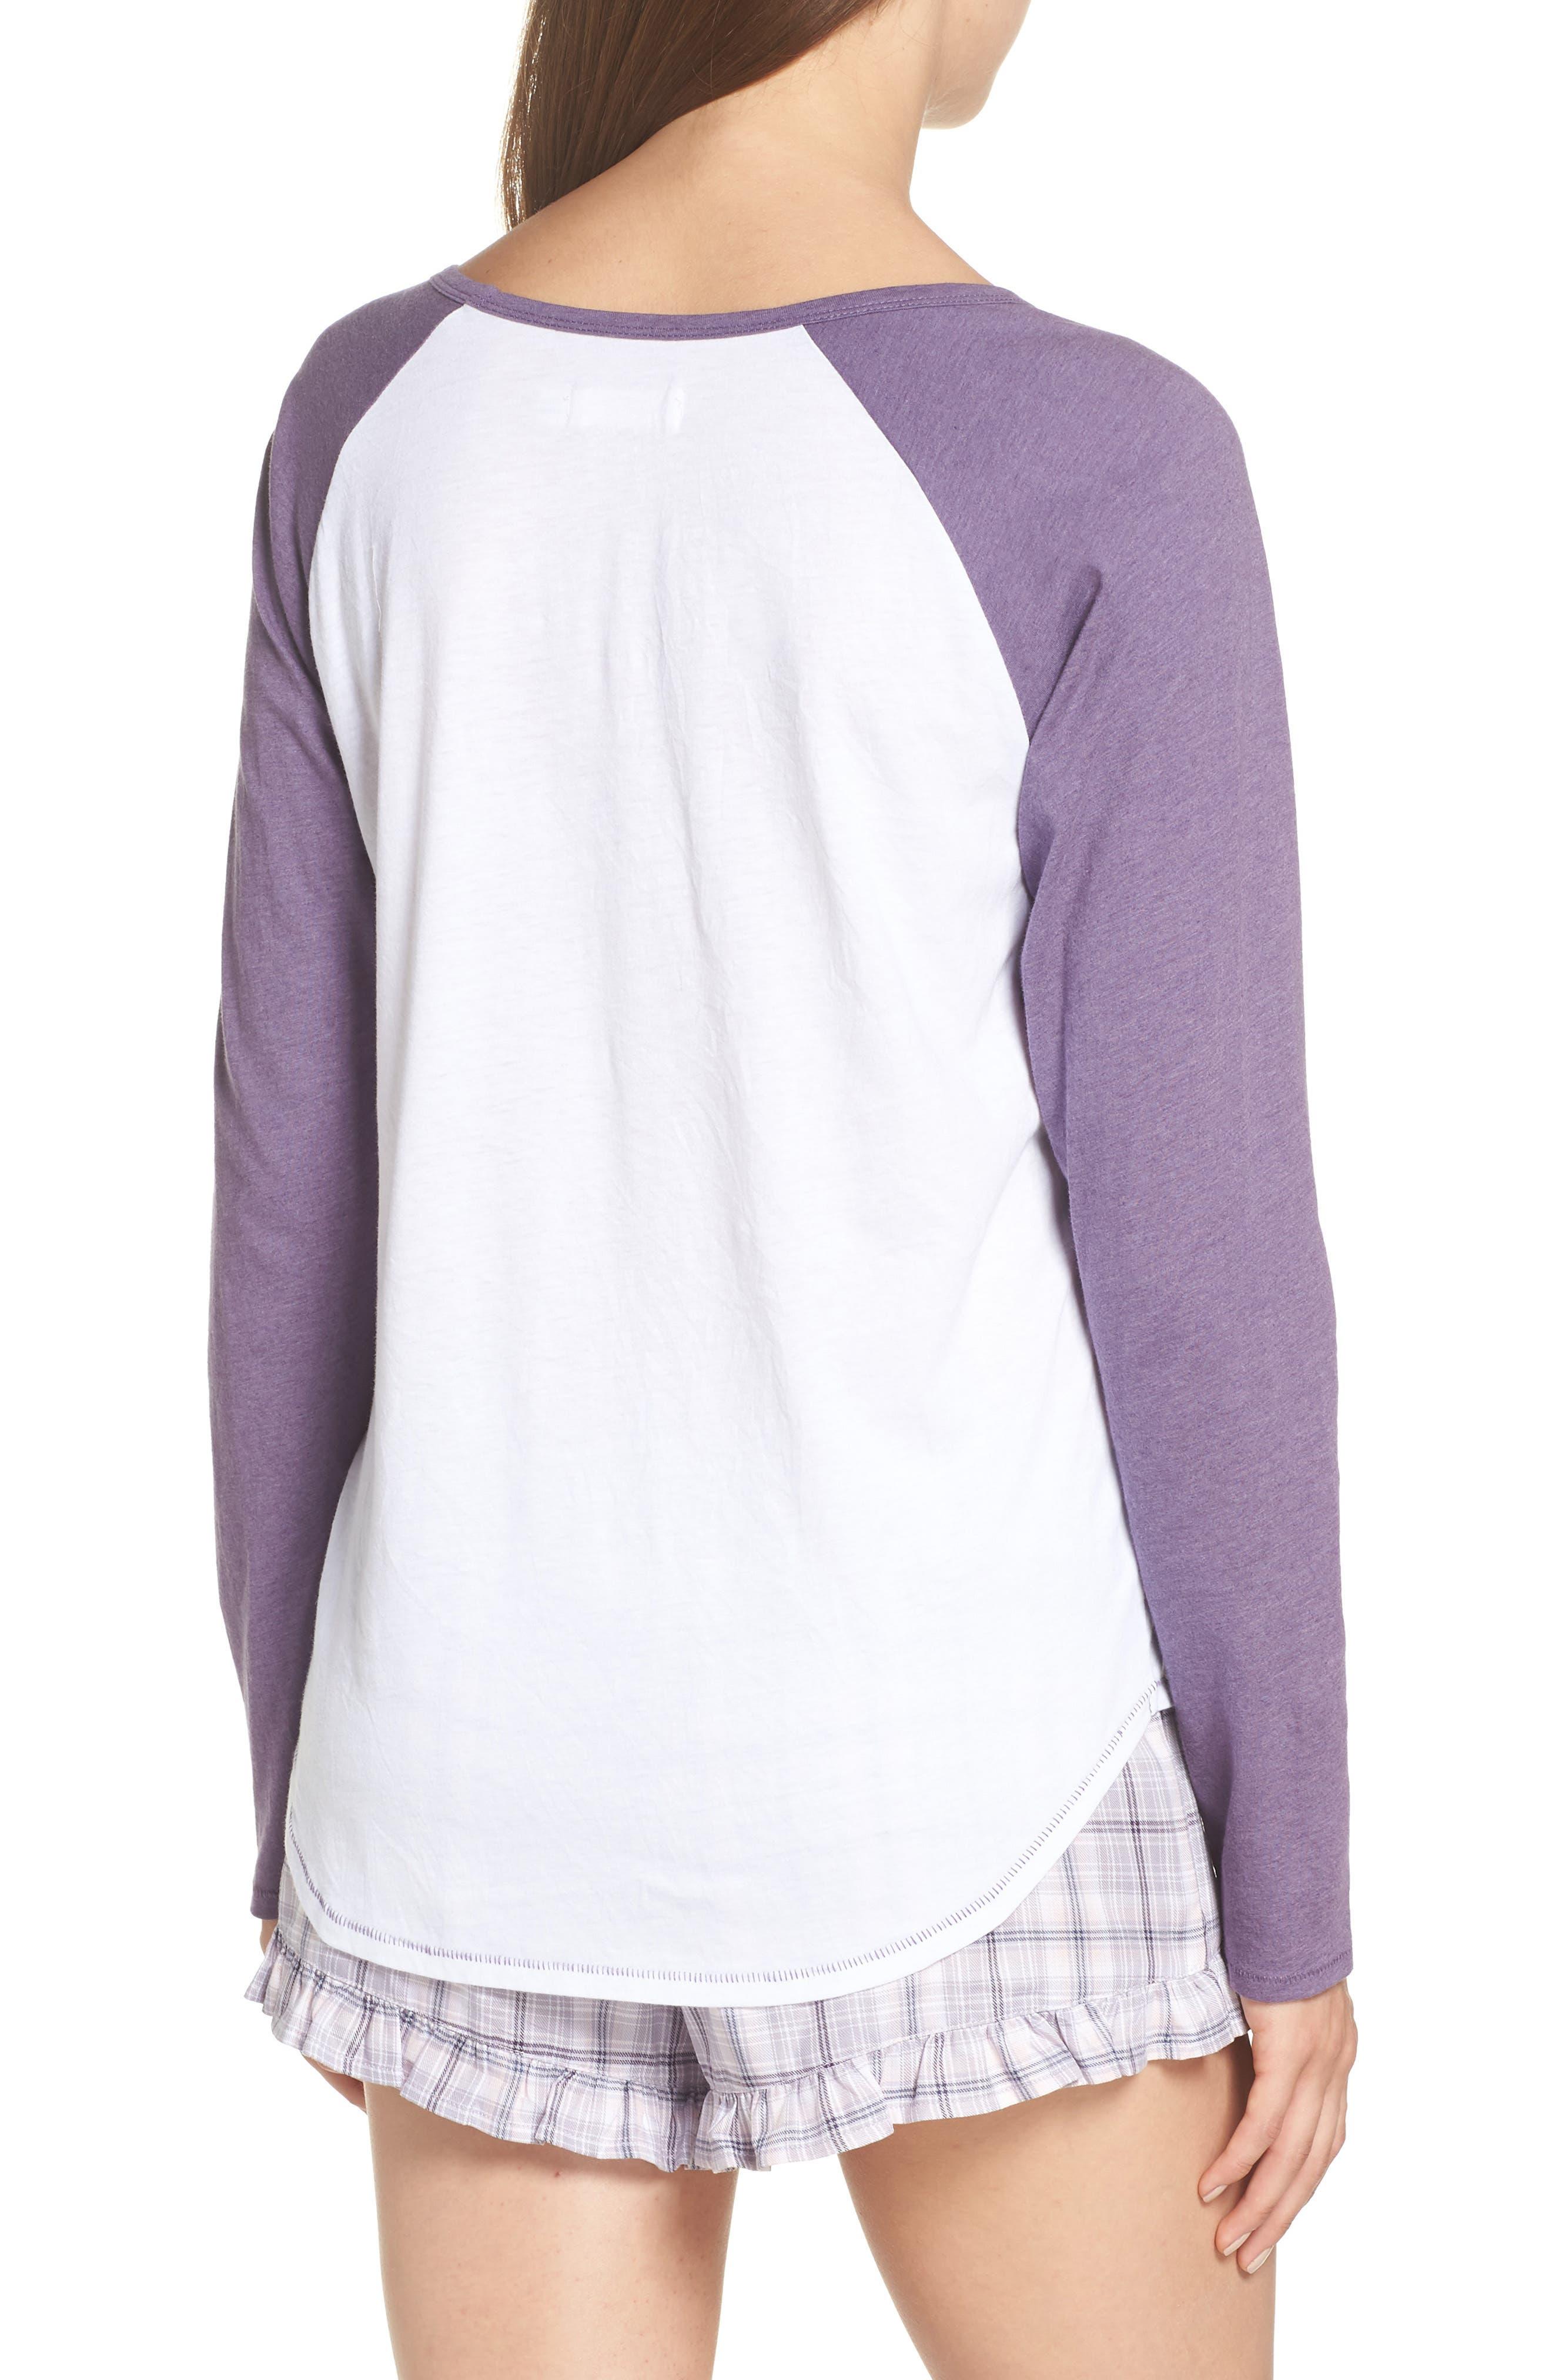 Charly Short Pajamas,                             Alternate thumbnail 2, color,                             536